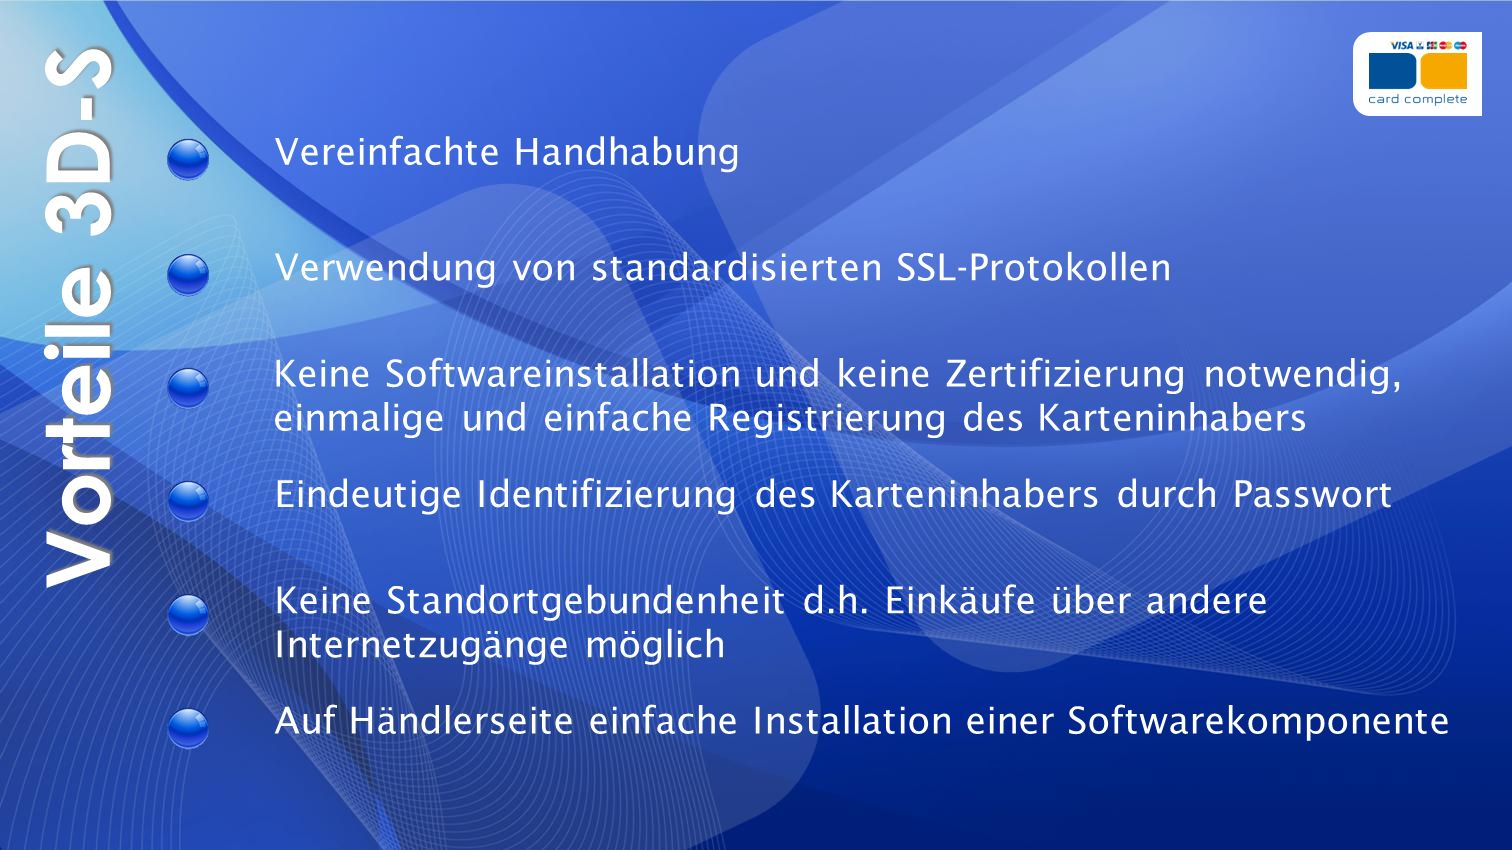 Vorteile 3D-S Auf Händlerseite einfache Installation einer Softwarekomponente Vereinfachte Handhabung Verwendung von standardisierten SSL-Protokollen